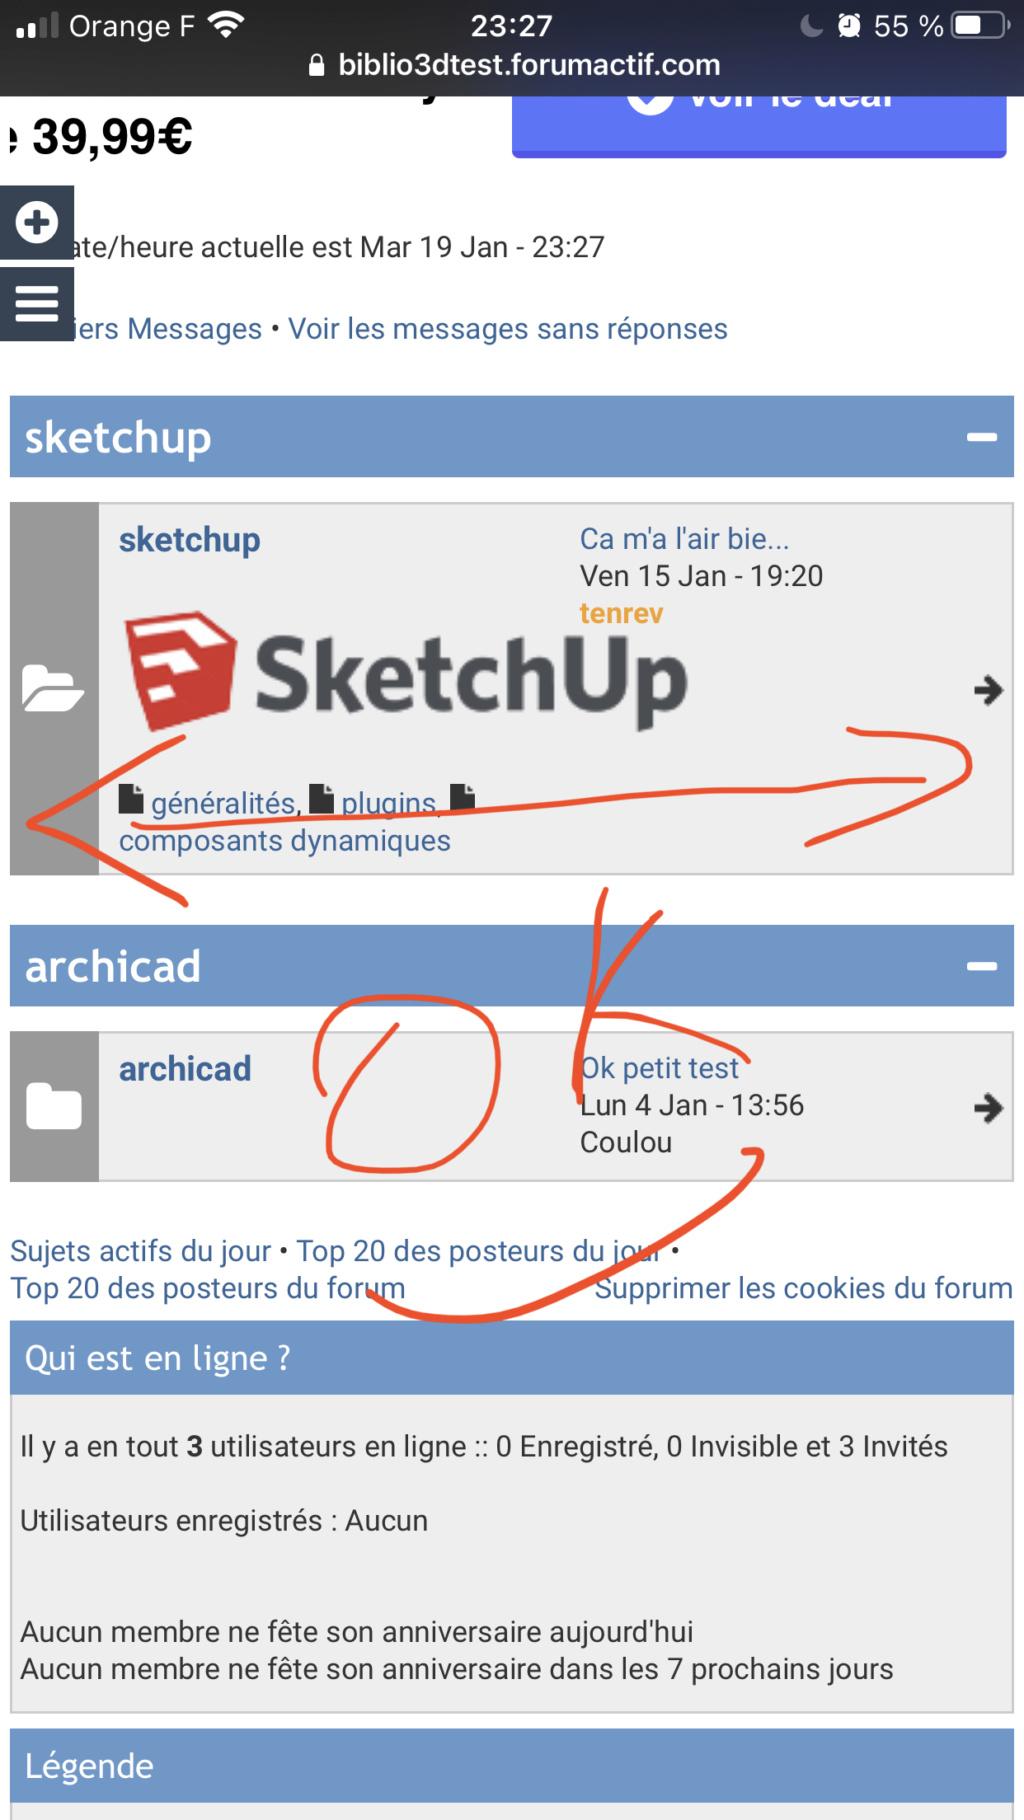 [ FORUM ] essai de futur design du forum  - Page 3 F428e110